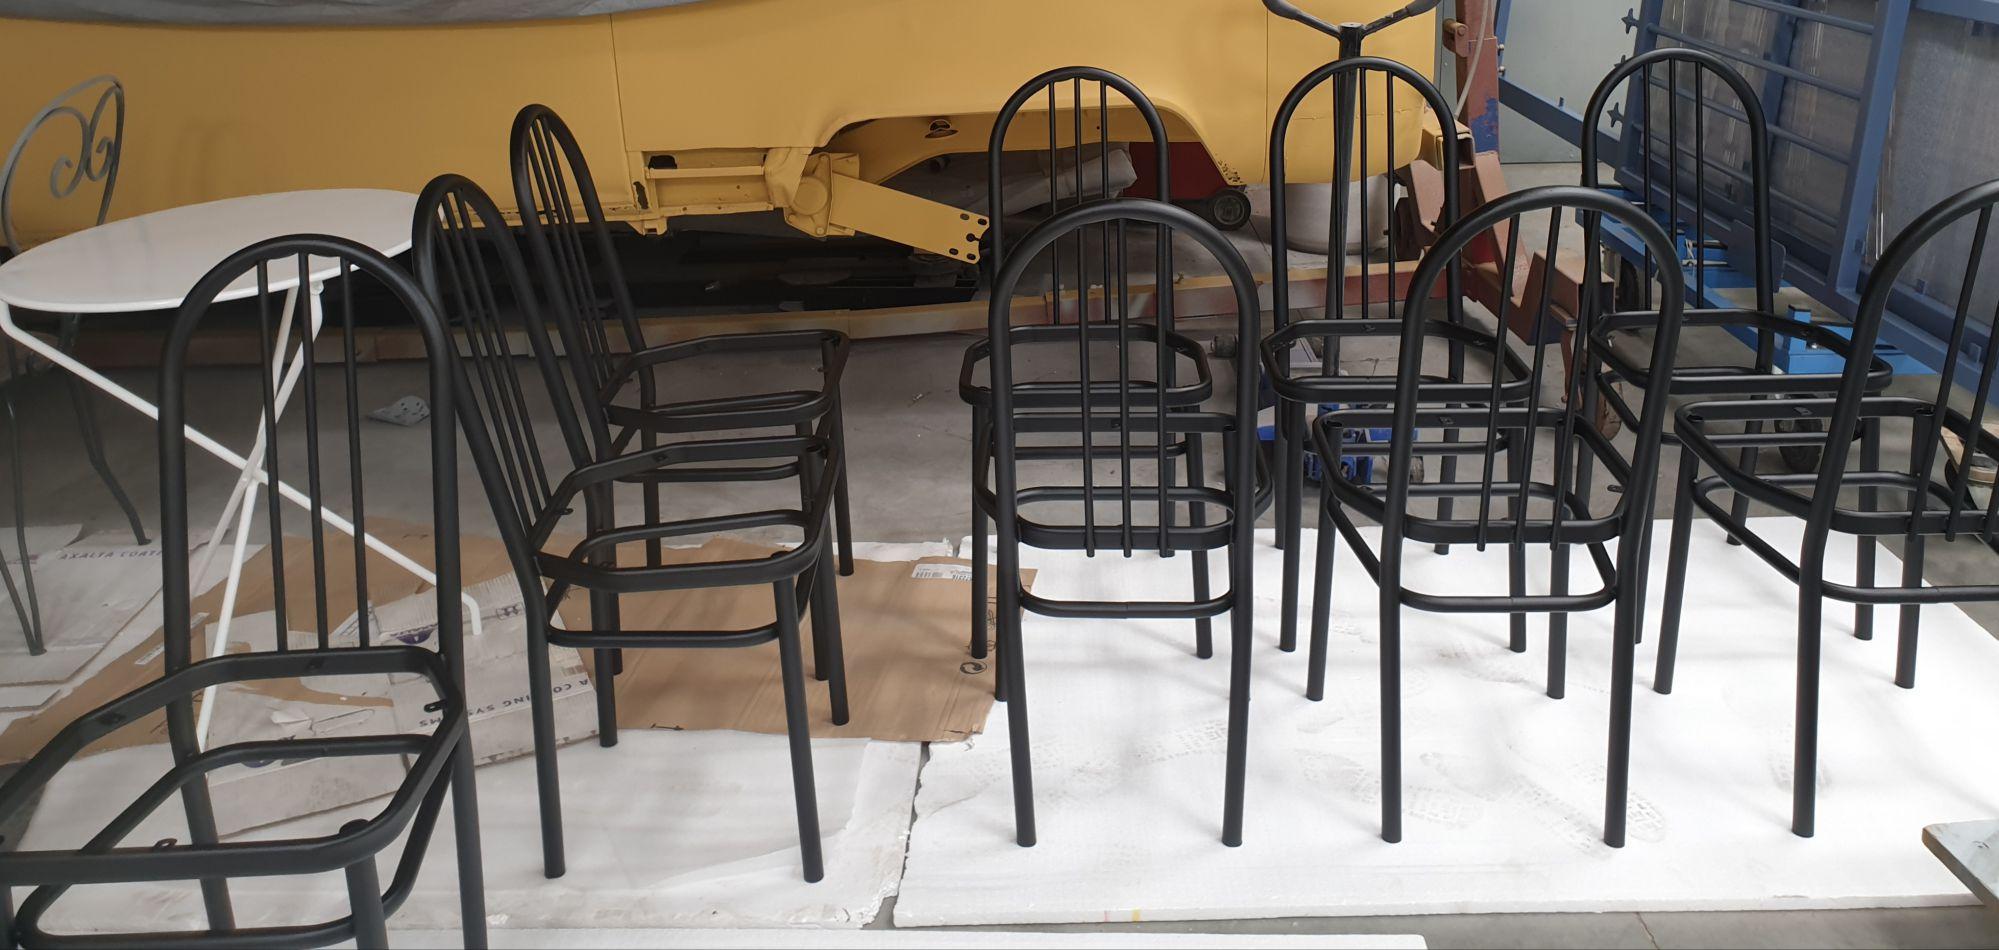 Rénovation et restauration de mobilier extérieur et décoration - métallisation 79, 85, 17